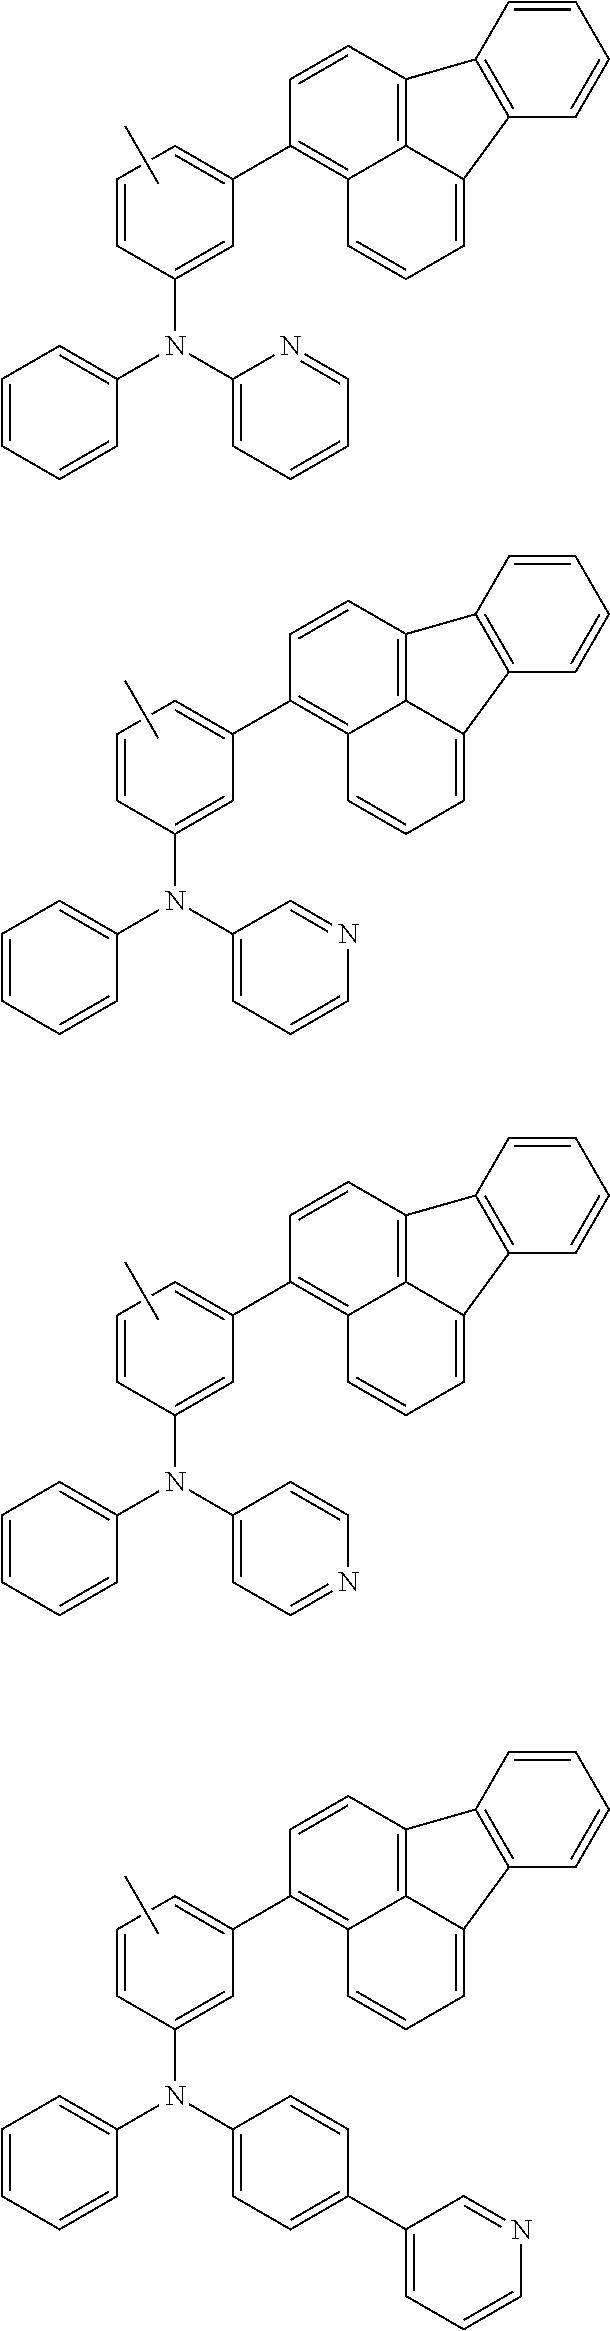 Figure US20150280139A1-20151001-C00031